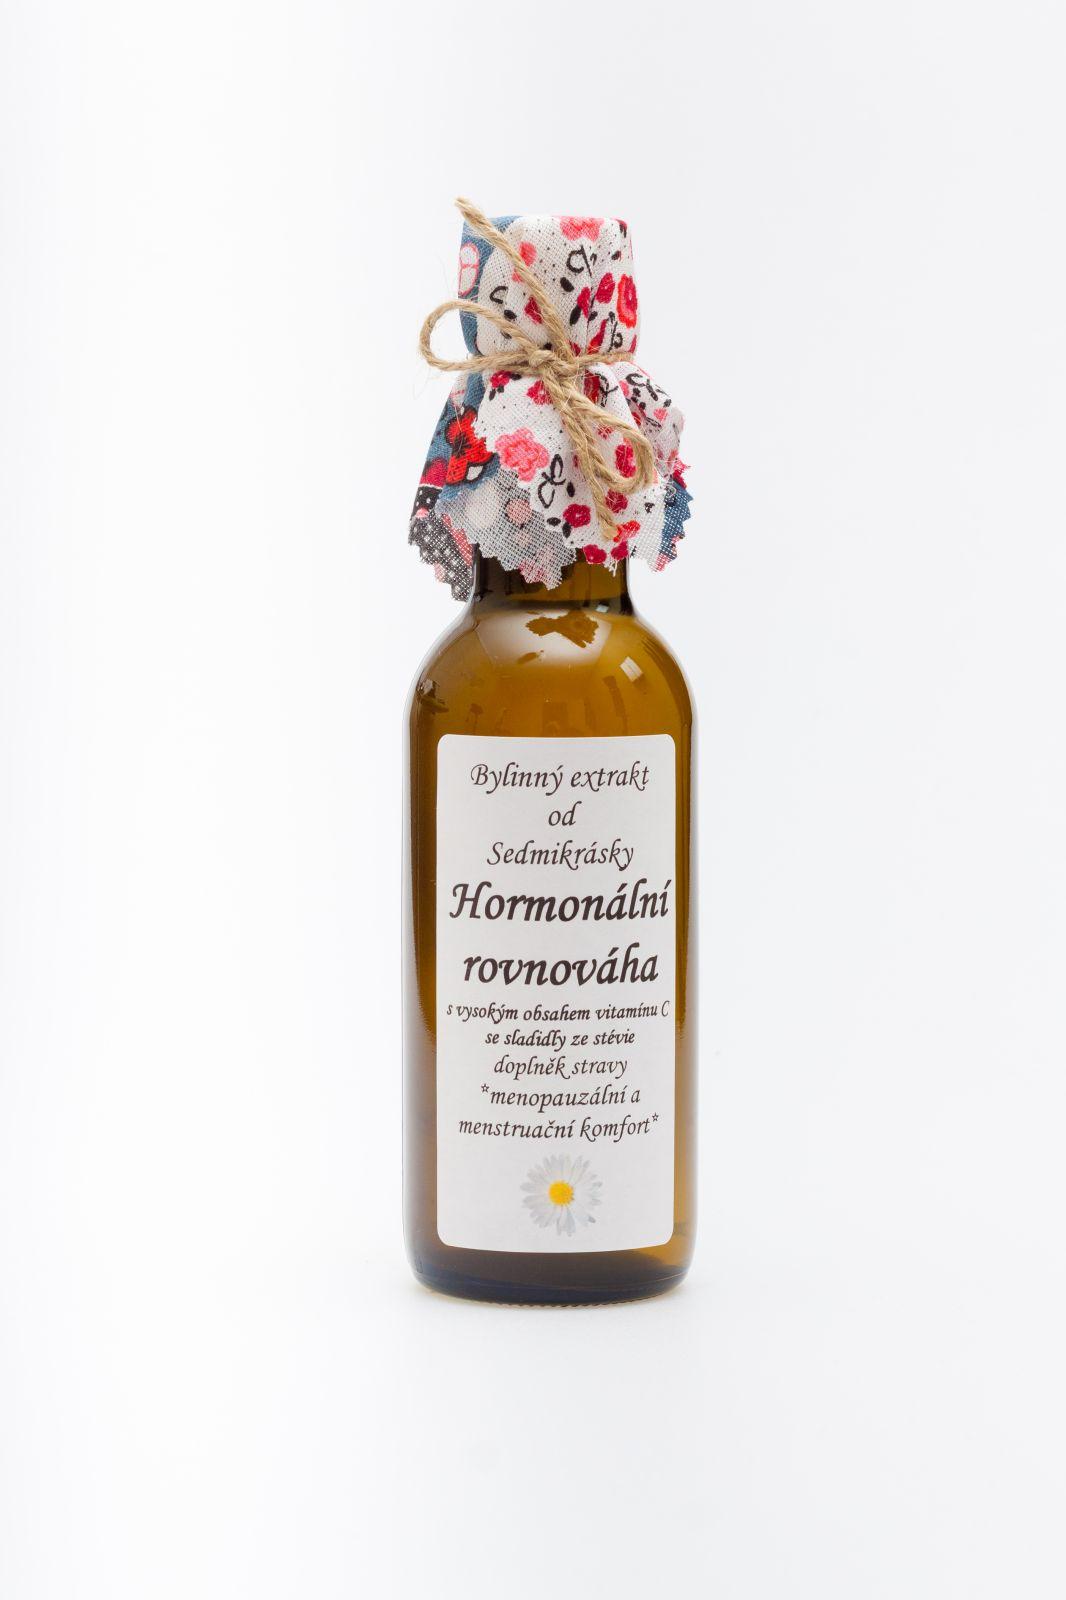 Sedmikráska bylinný extrakt HORMONÁLNÍ ROVNOVÁHA 250 ml - *menopauzální a menstruační komfort* Rodinná farma Sedmikráska